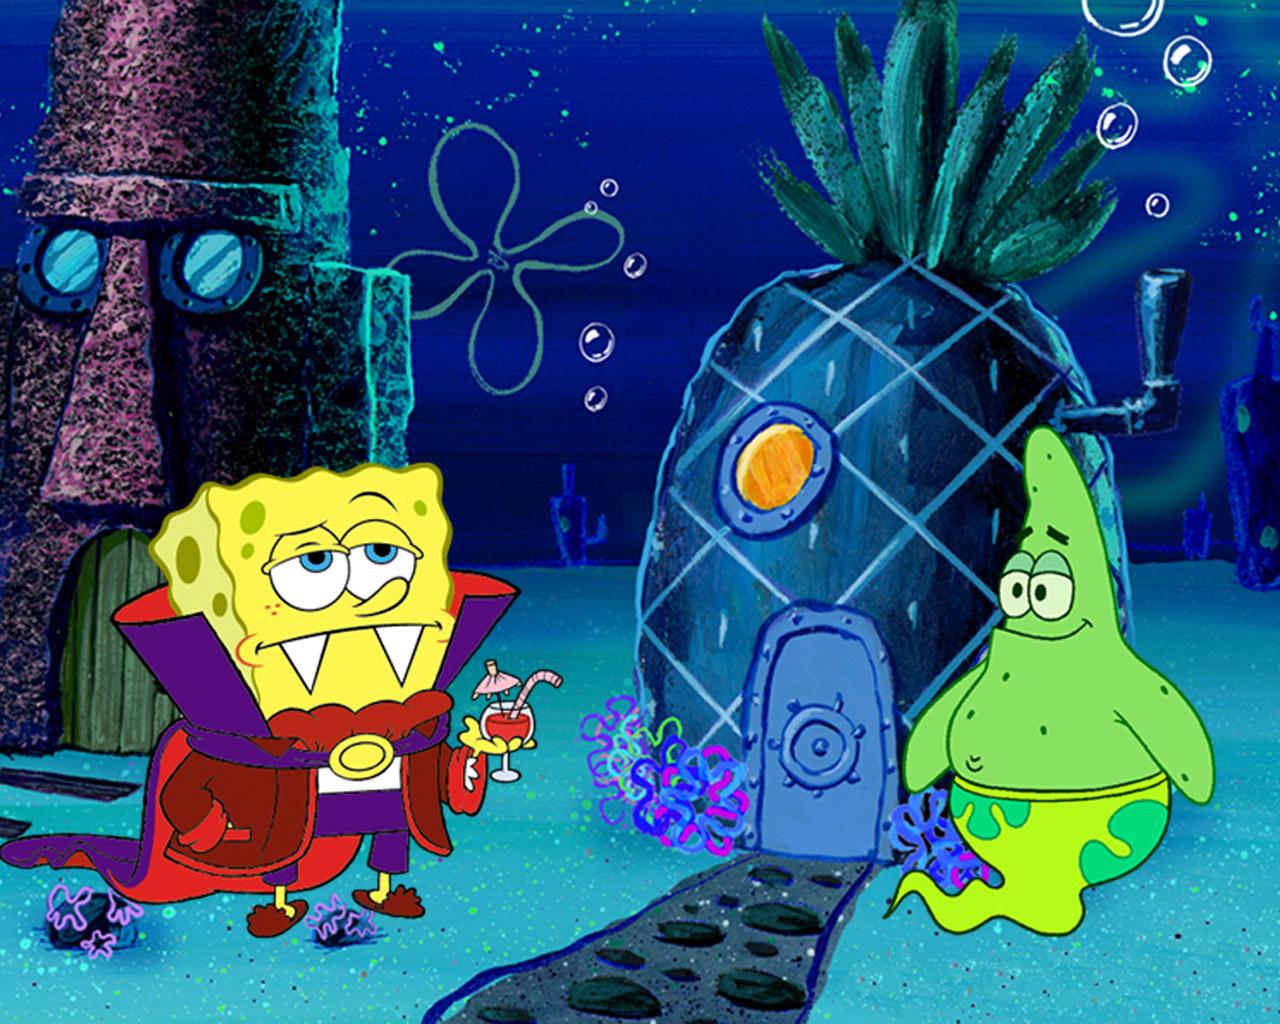 Spongebob Character Costumes & Coolest DIY SpongeBob